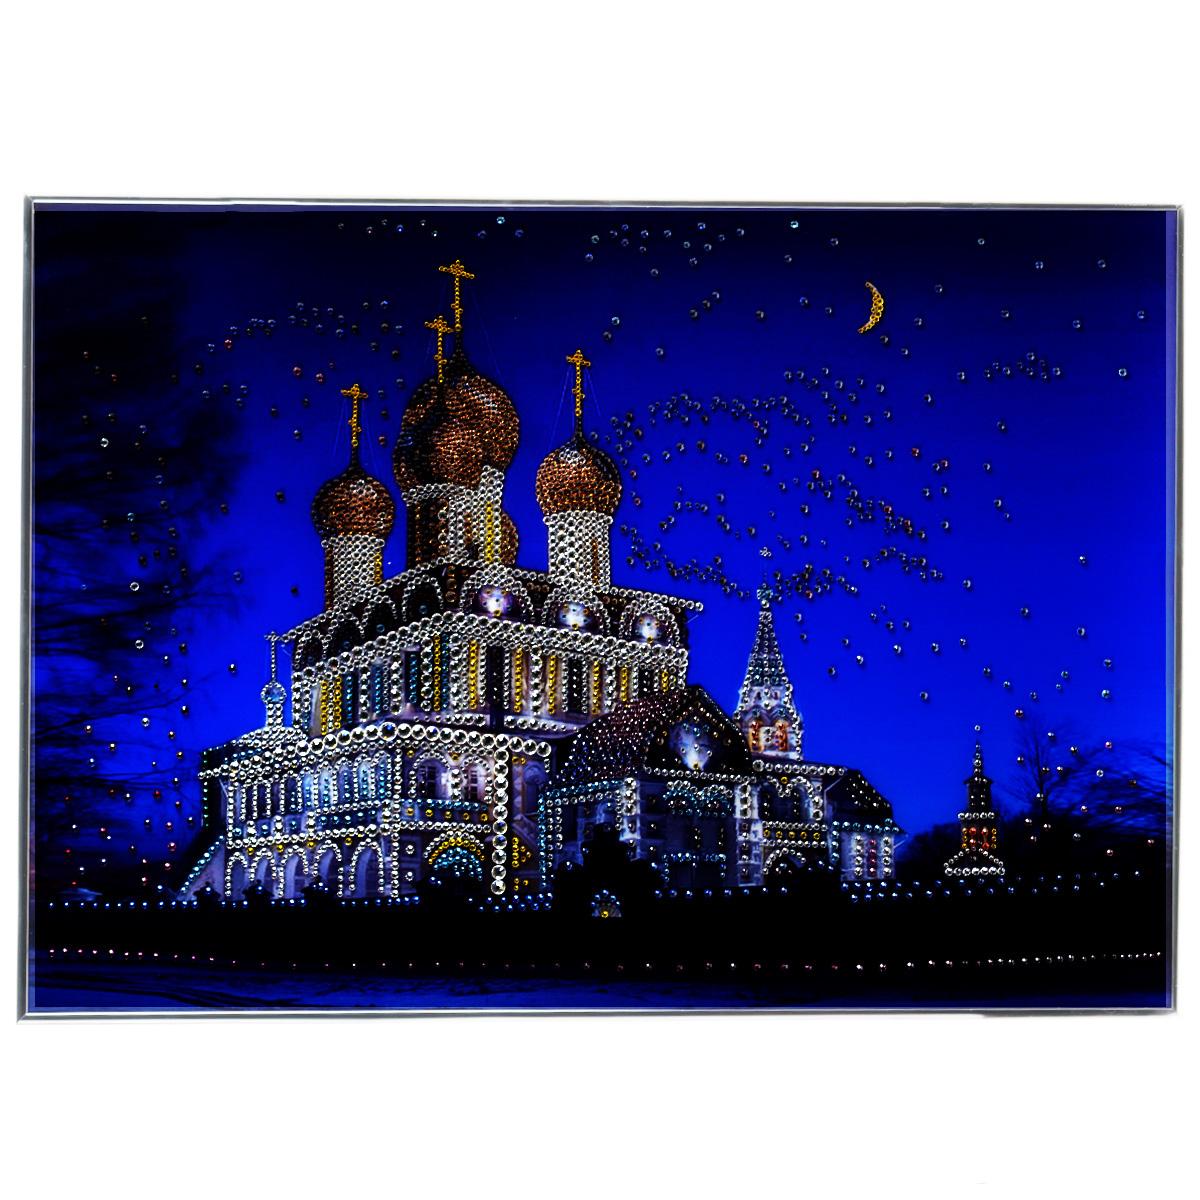 Картина с кристаллами Swarovski Воскресенский собор, 70 см х 50 см29x40 OZ190-50601Изящная картина в металлической раме, инкрустирована кристаллами Swarovski, которые отличаются четкой и ровной огранкой, ярким блеском и чистотой цвета. Красочное изображение Воскресенского собора, расположенное под стеклом, прекрасно дополняет блеск кристаллов. С обратной стороны имеется металлическая петелька для размещения картины на стене. Картина с кристаллами Swarovski Воскресенский собор элегантно украсит интерьер дома или офиса, а также станет прекрасным подарком, который обязательно понравится получателю. Блеск кристаллов в интерьере, что может быть сказочнее и удивительнее. Картина упакована в подарочную картонную коробку синего цвета и комплектуется сертификатом соответствия Swarovski.